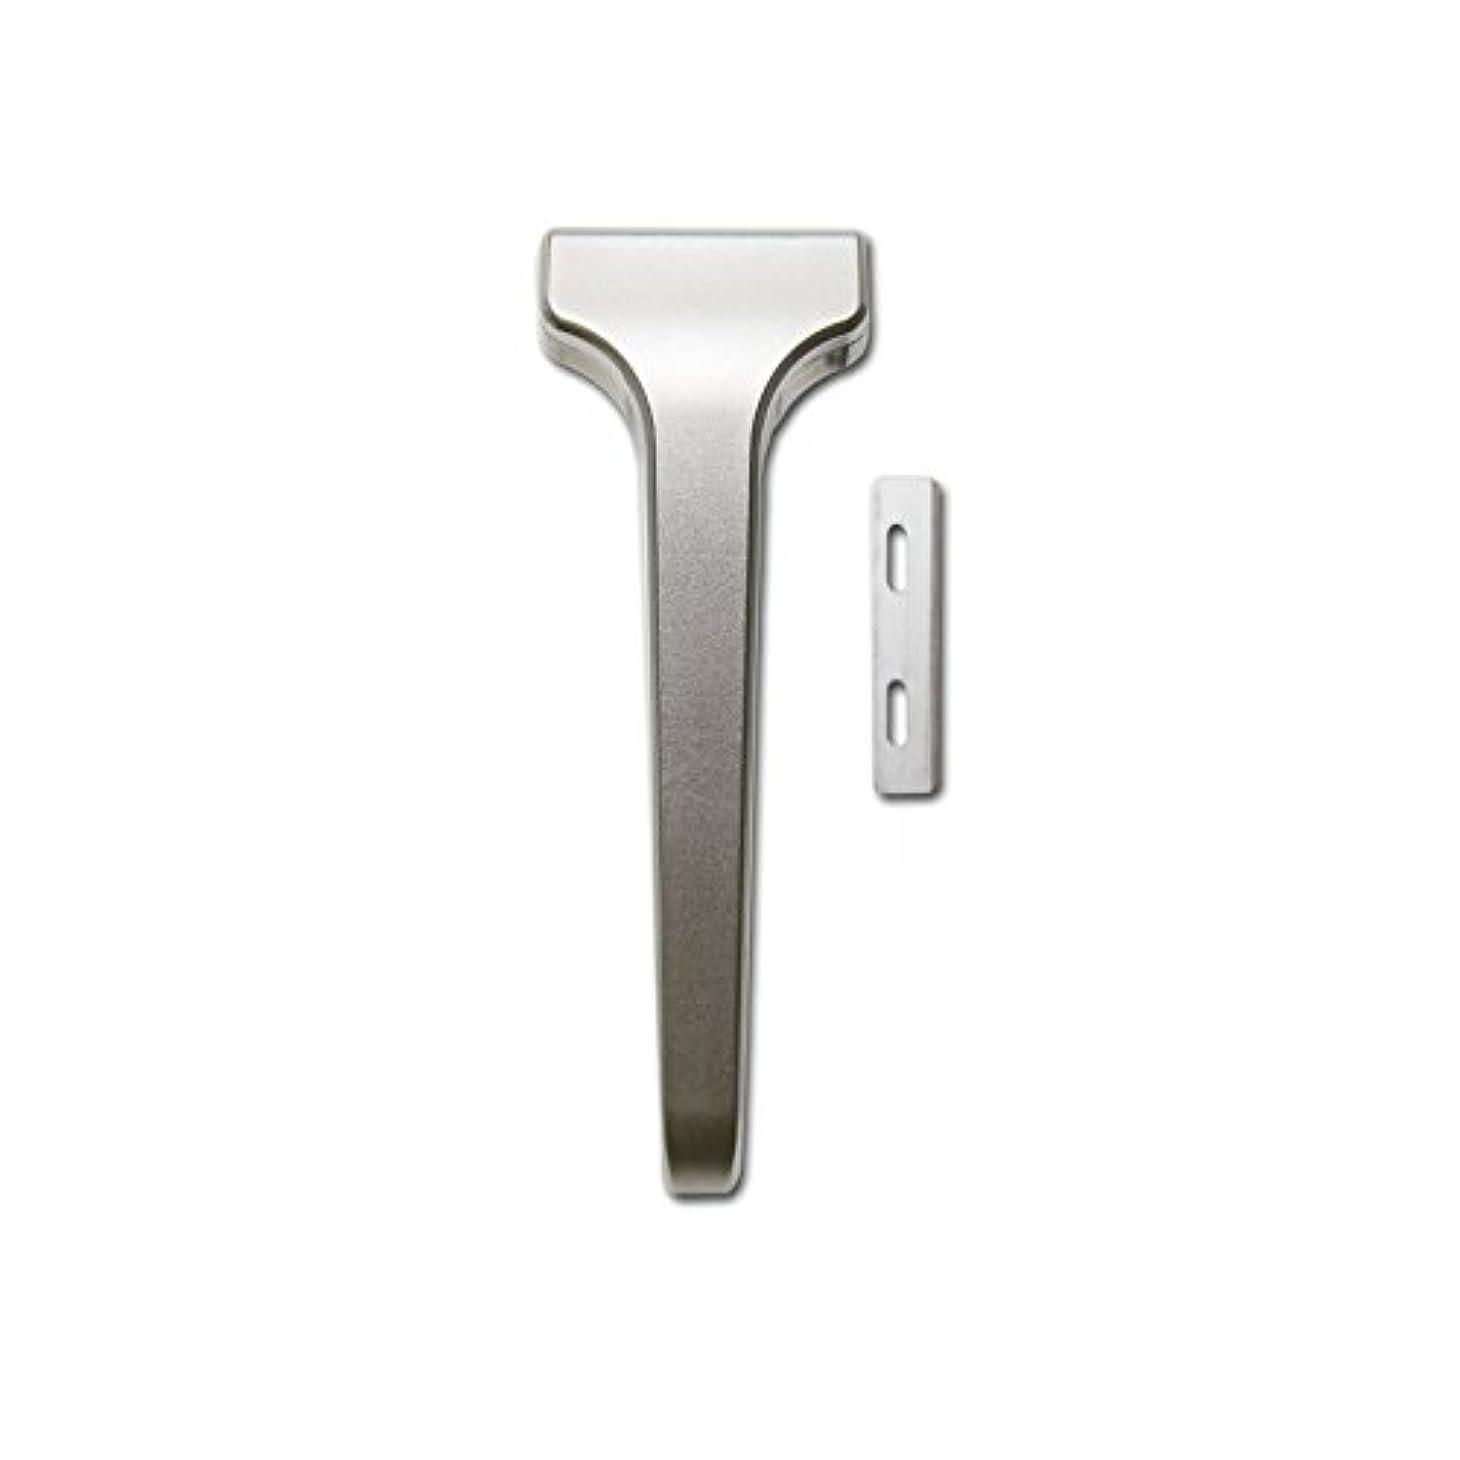 広く素朴なブラストSUPPLY The Single Edge 2.0 片刃カミソリ 剃刀 インジェクター刃互換 本体+替刃 20枚付